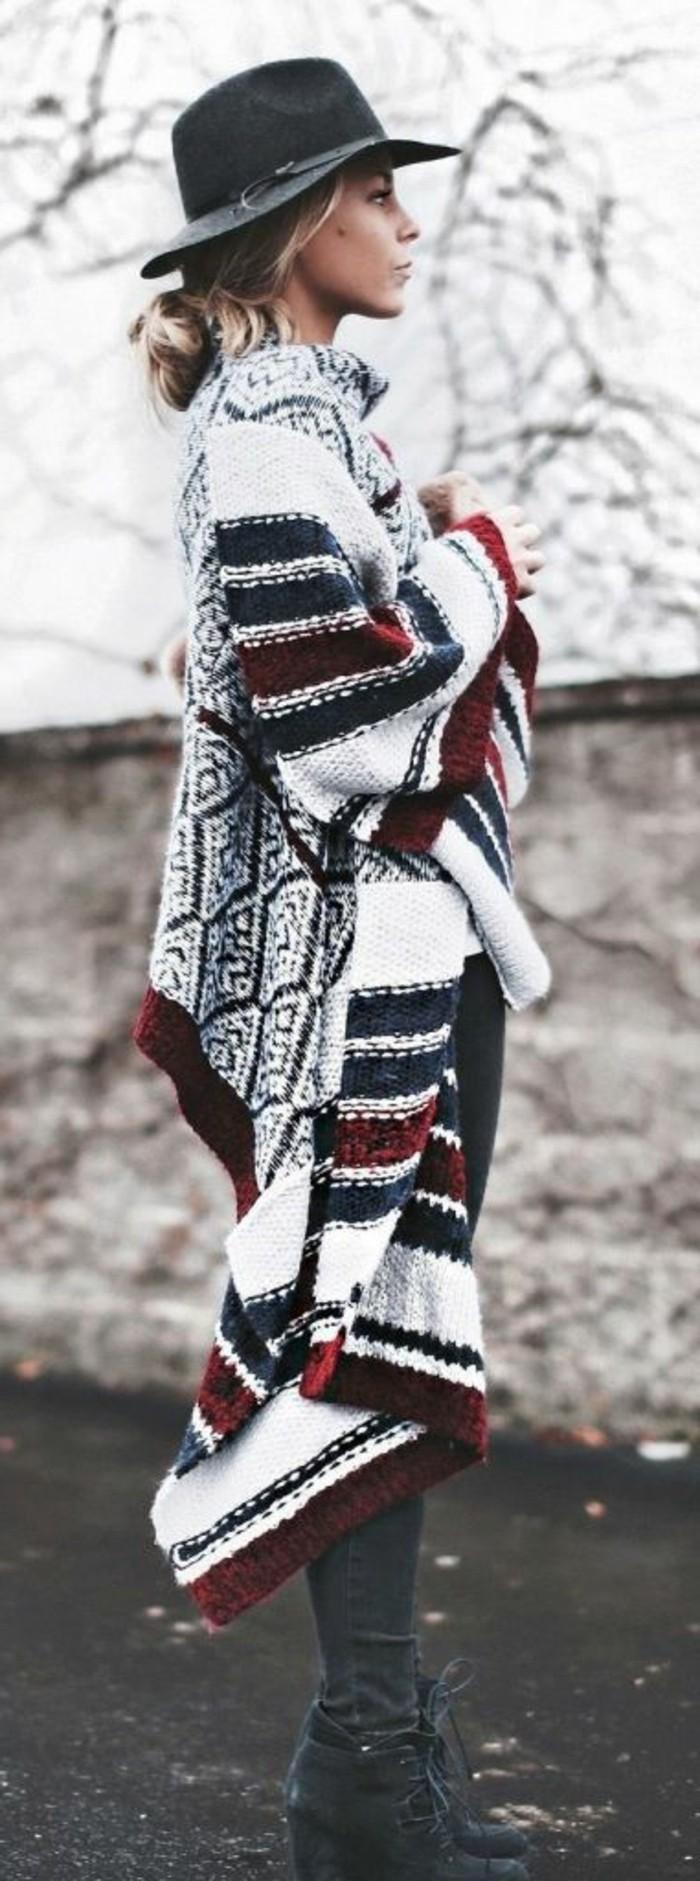 poncho-femme-hiver-chapeau-noir-cape-en-rouge-noir-et-blanc